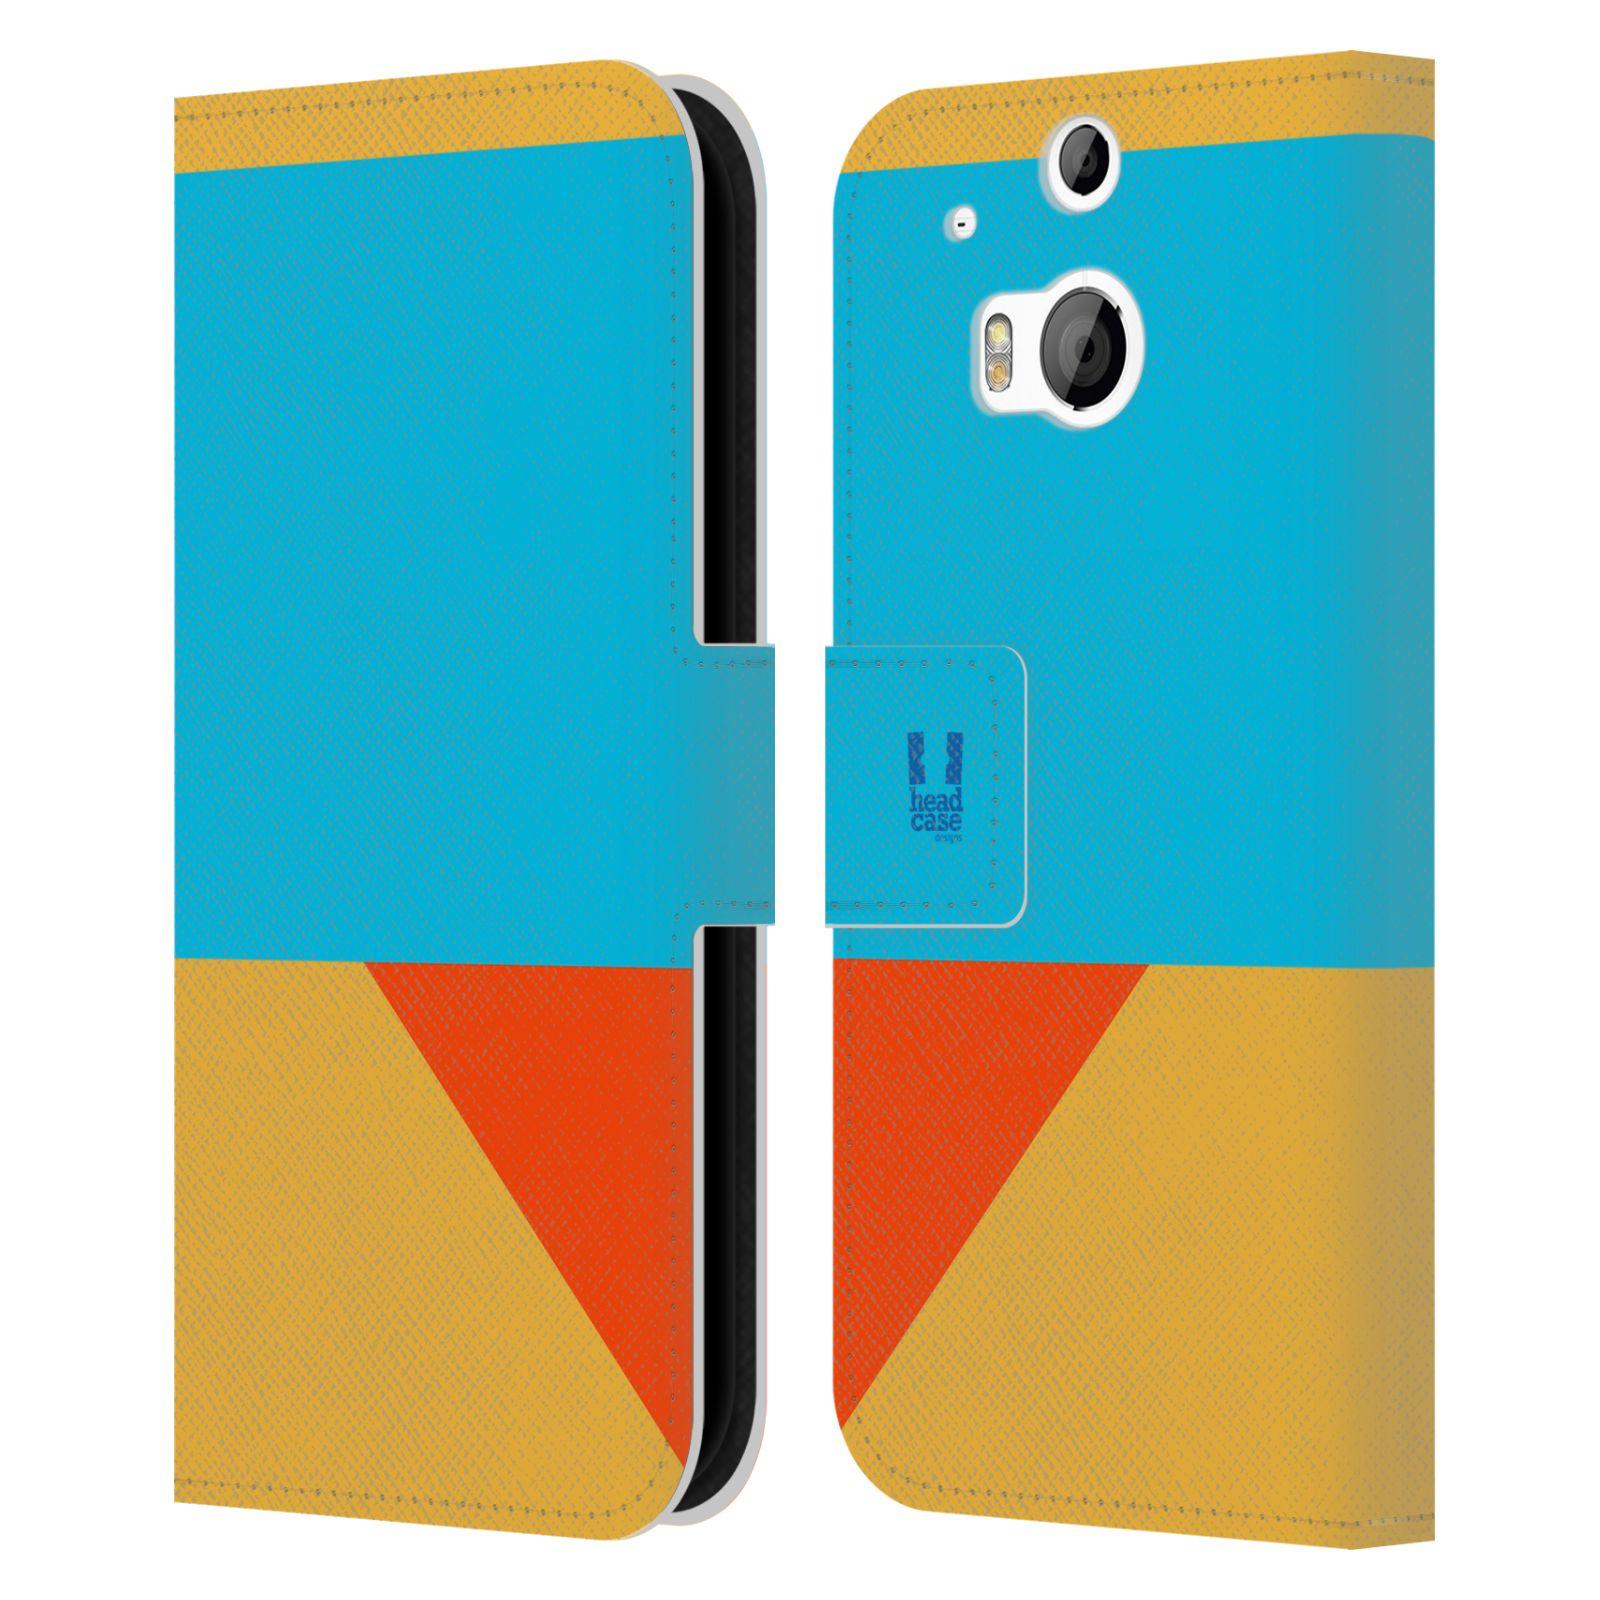 HEAD CASE Flipové pouzdro pro mobil HTC ONE M8/M8s barevné tvary béžová a modrá DAY WEAR